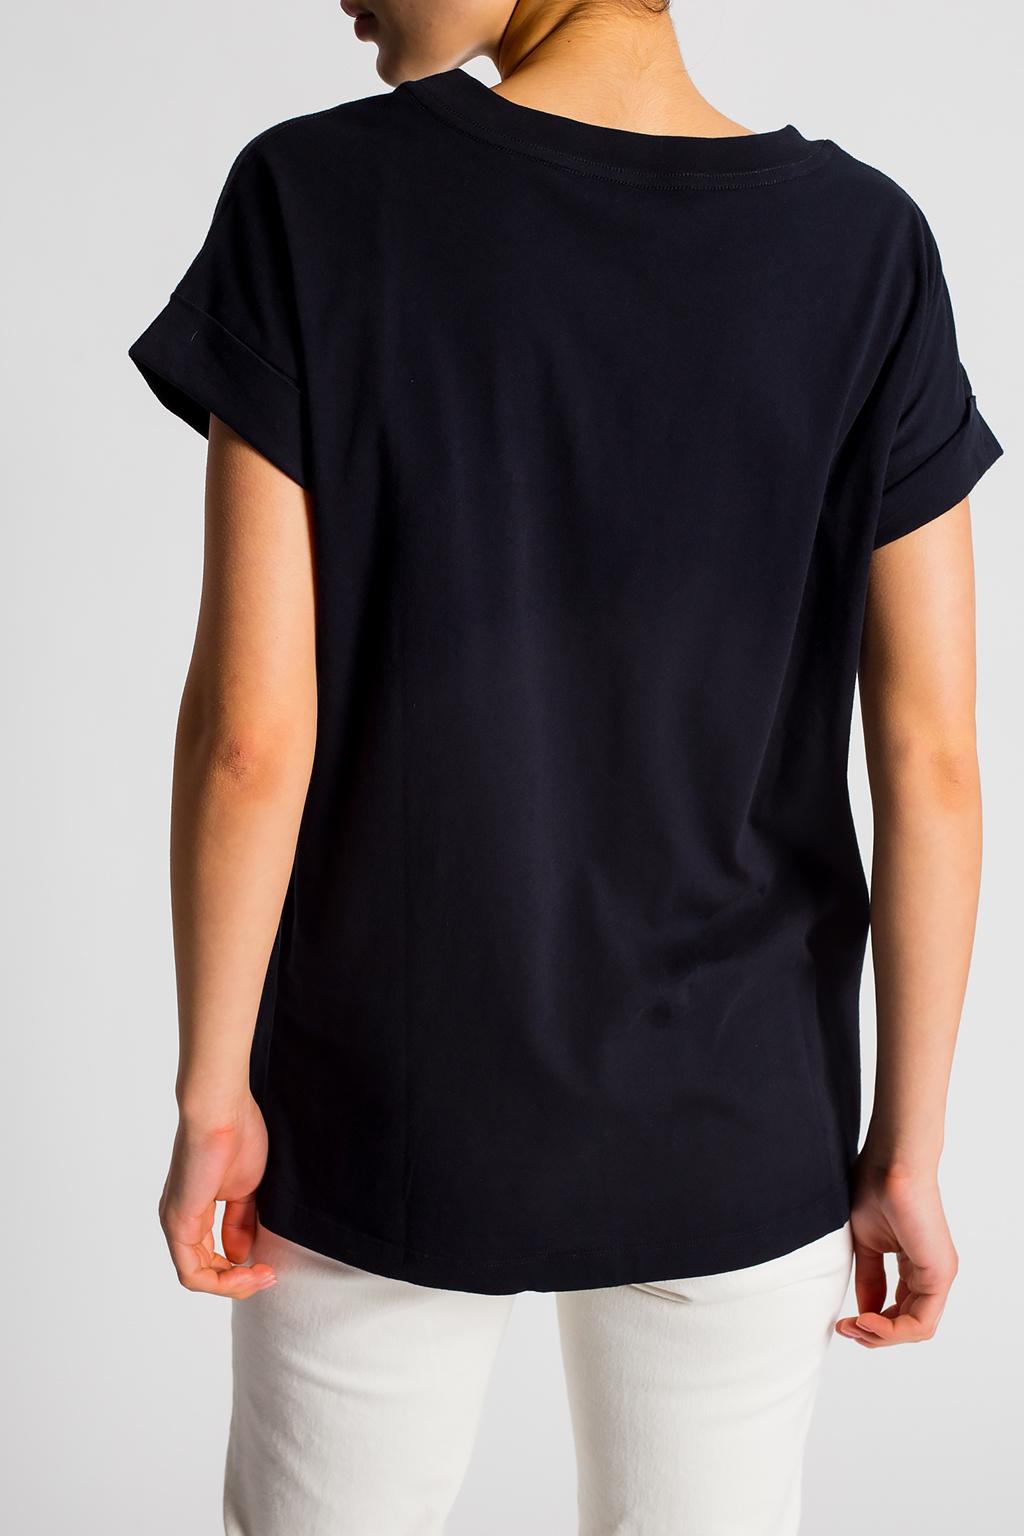 AllSaints 'Equl' T-shirt